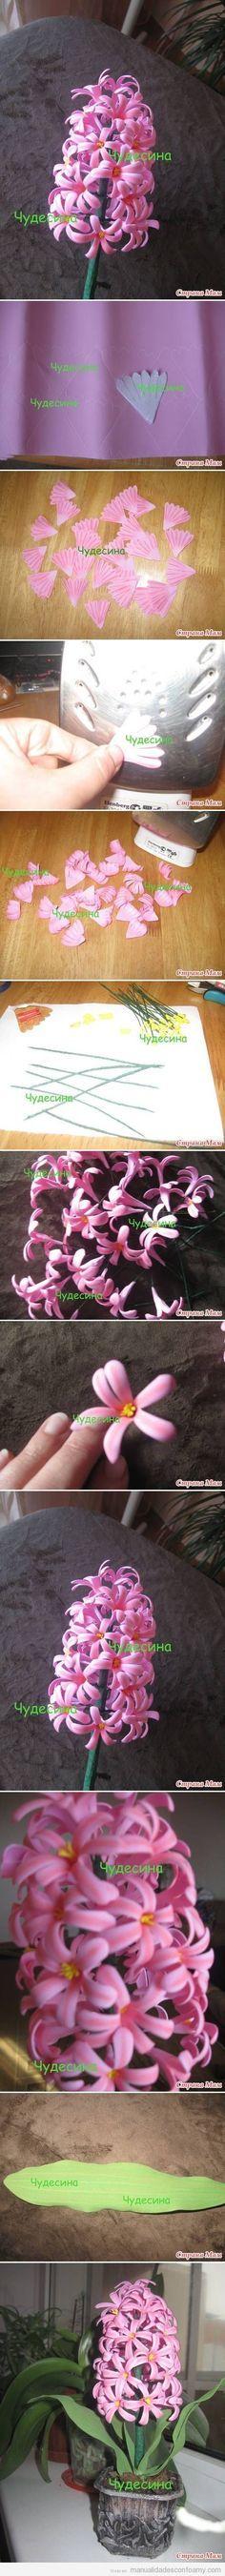 Tutorial para hacer un ramo de lilas paso a paso con goma eva